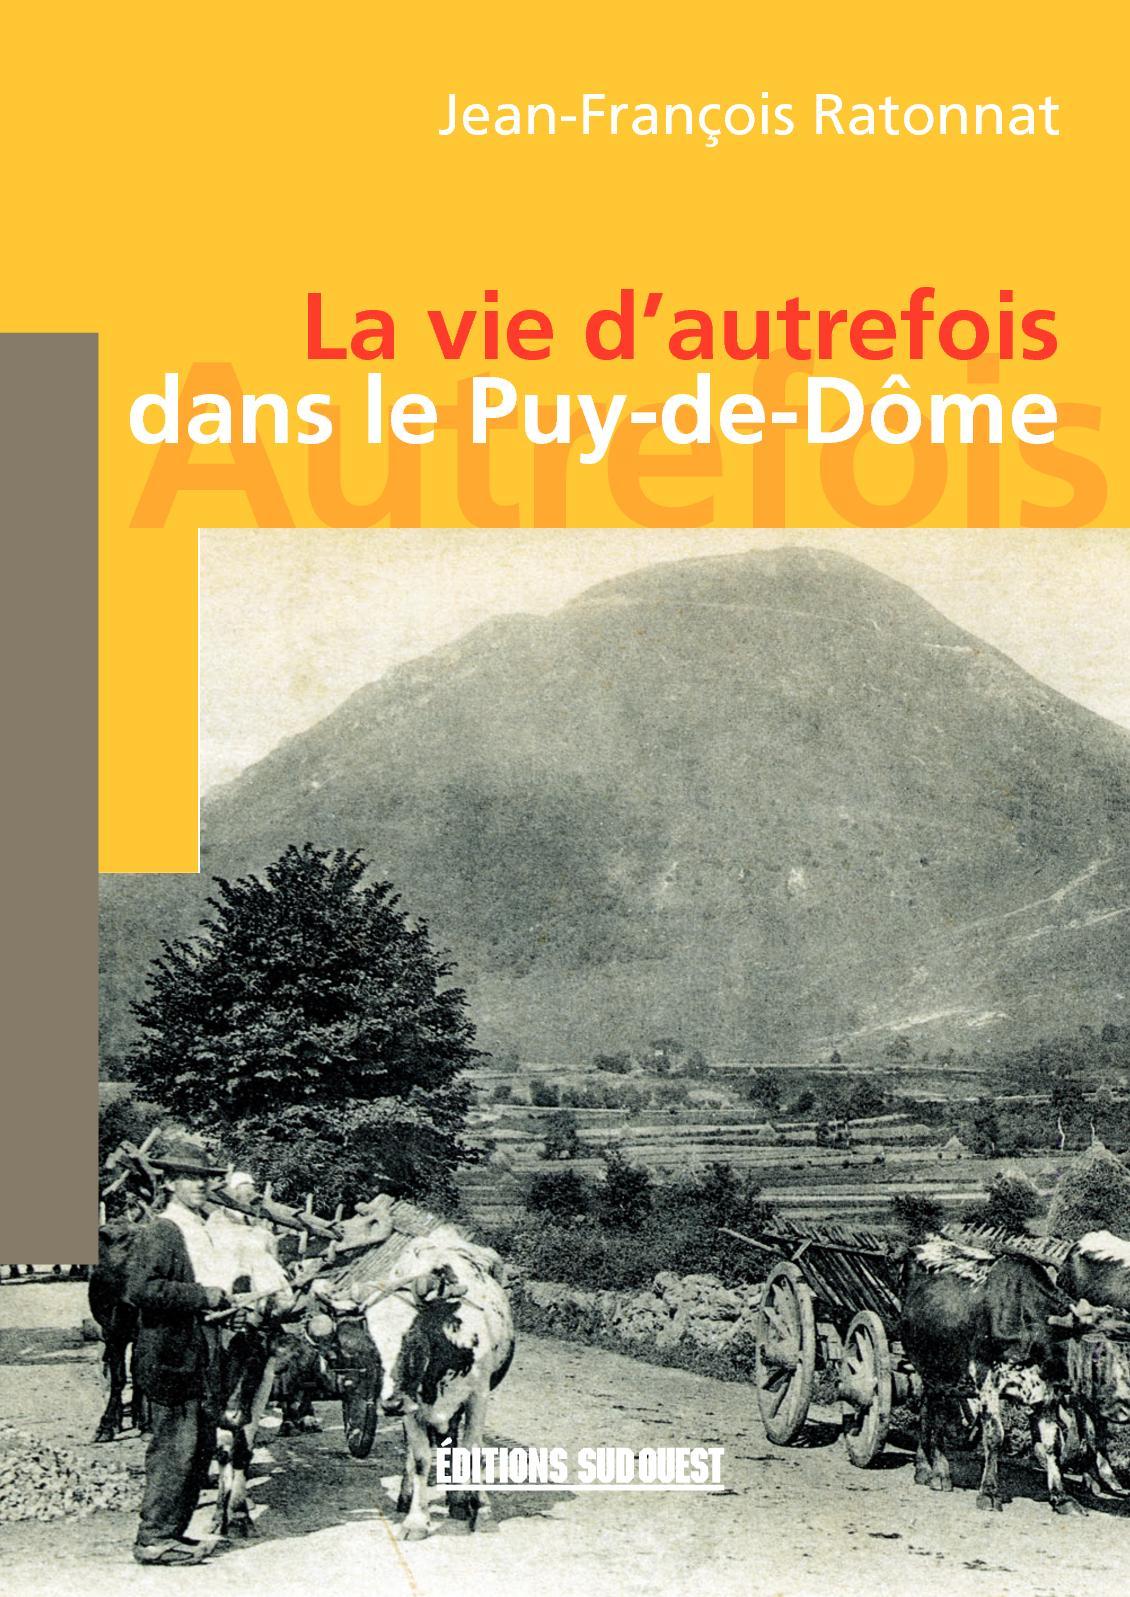 LA VIE D'AUTREFOIS DANS LE PUY-DE-DOME - Jean-François Ratonnat